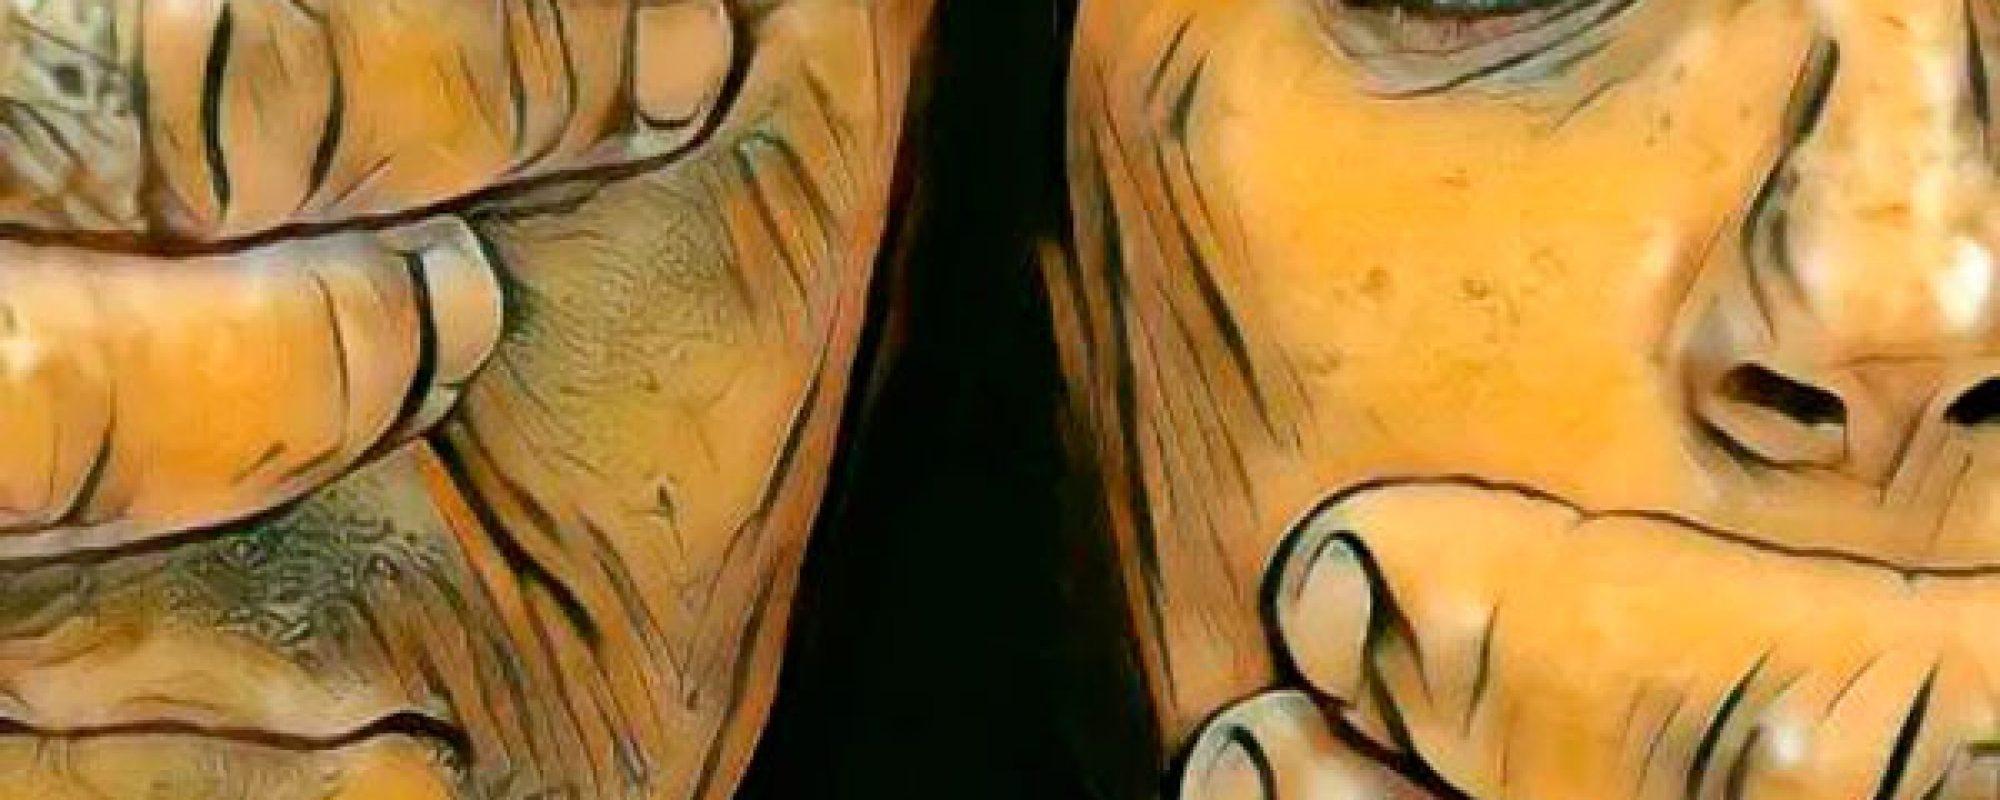 20s-emergencia-feminista-cristina-anto-ugt-contrainfo